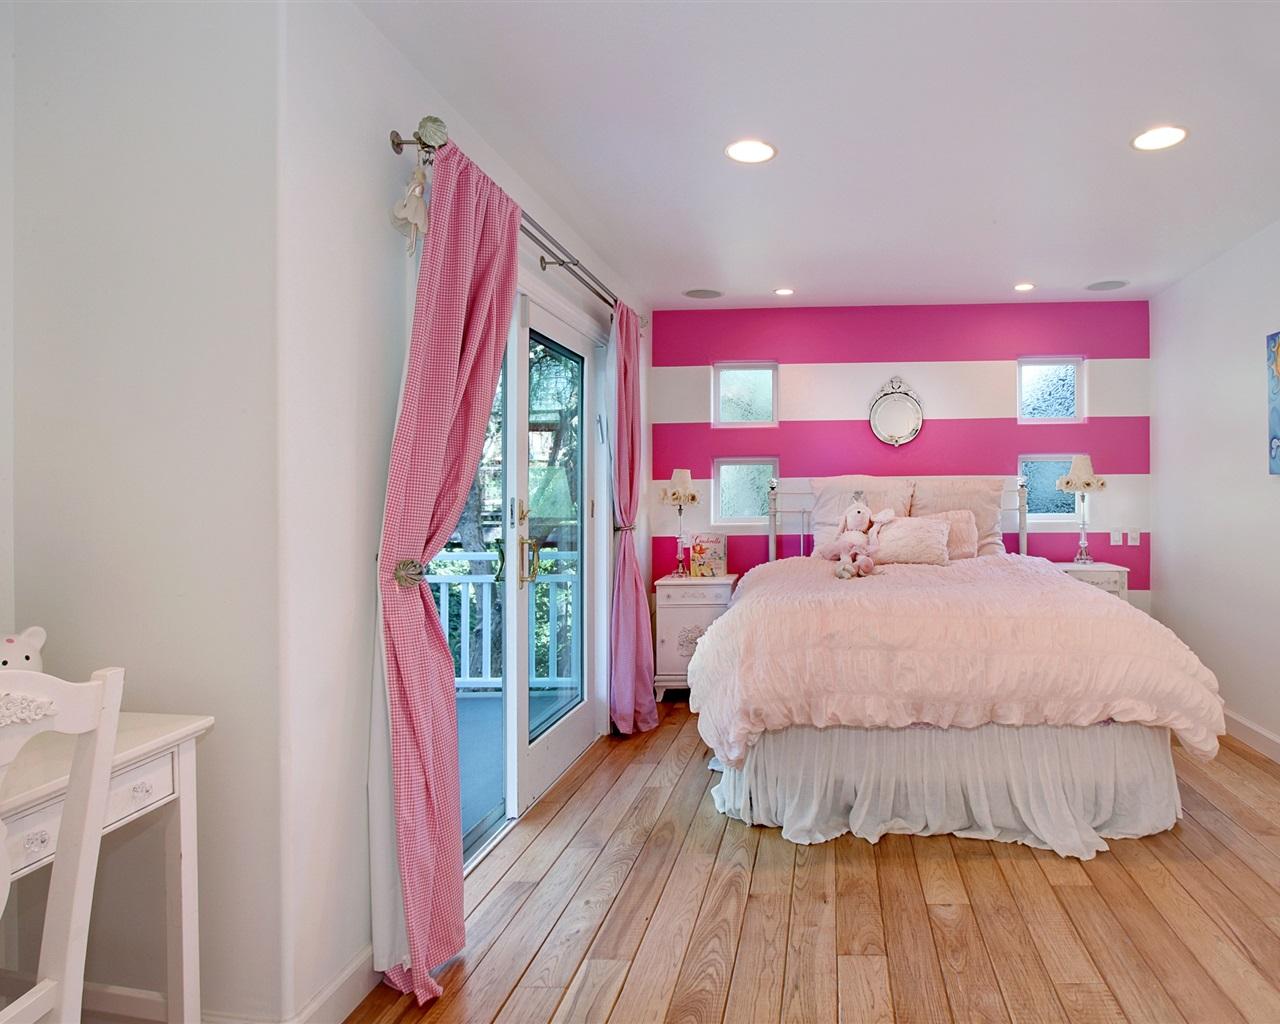 Download wallpaper 1280x1024 interior design bedroom bed for Interior design bedroom hd